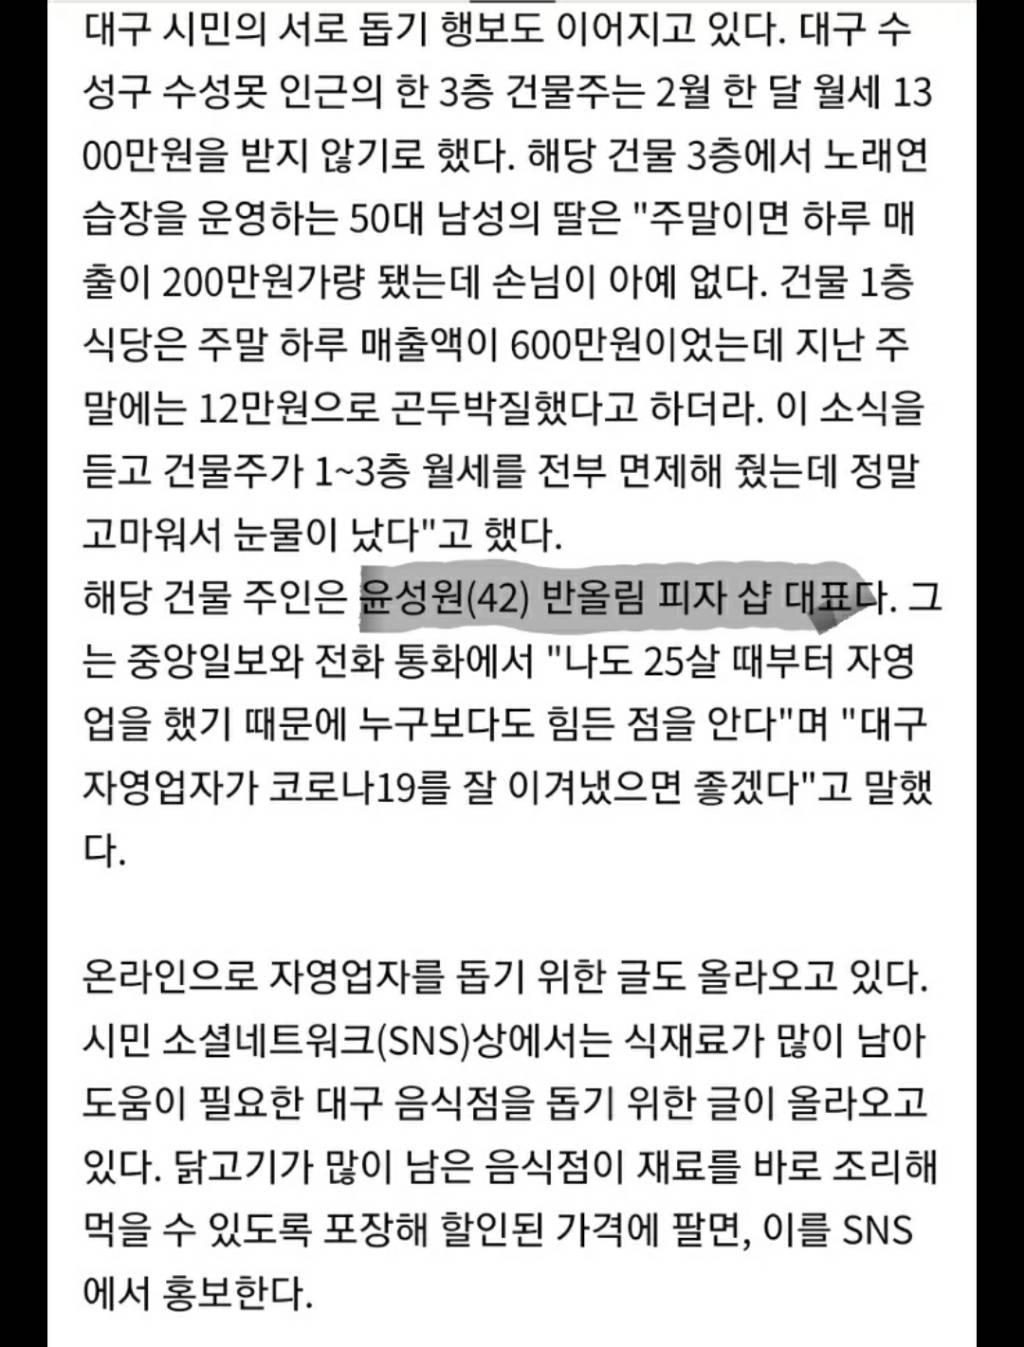 월세 안받겠다고 인터뷰한 대구 건물주의 실체(?).jpg | 인스티즈